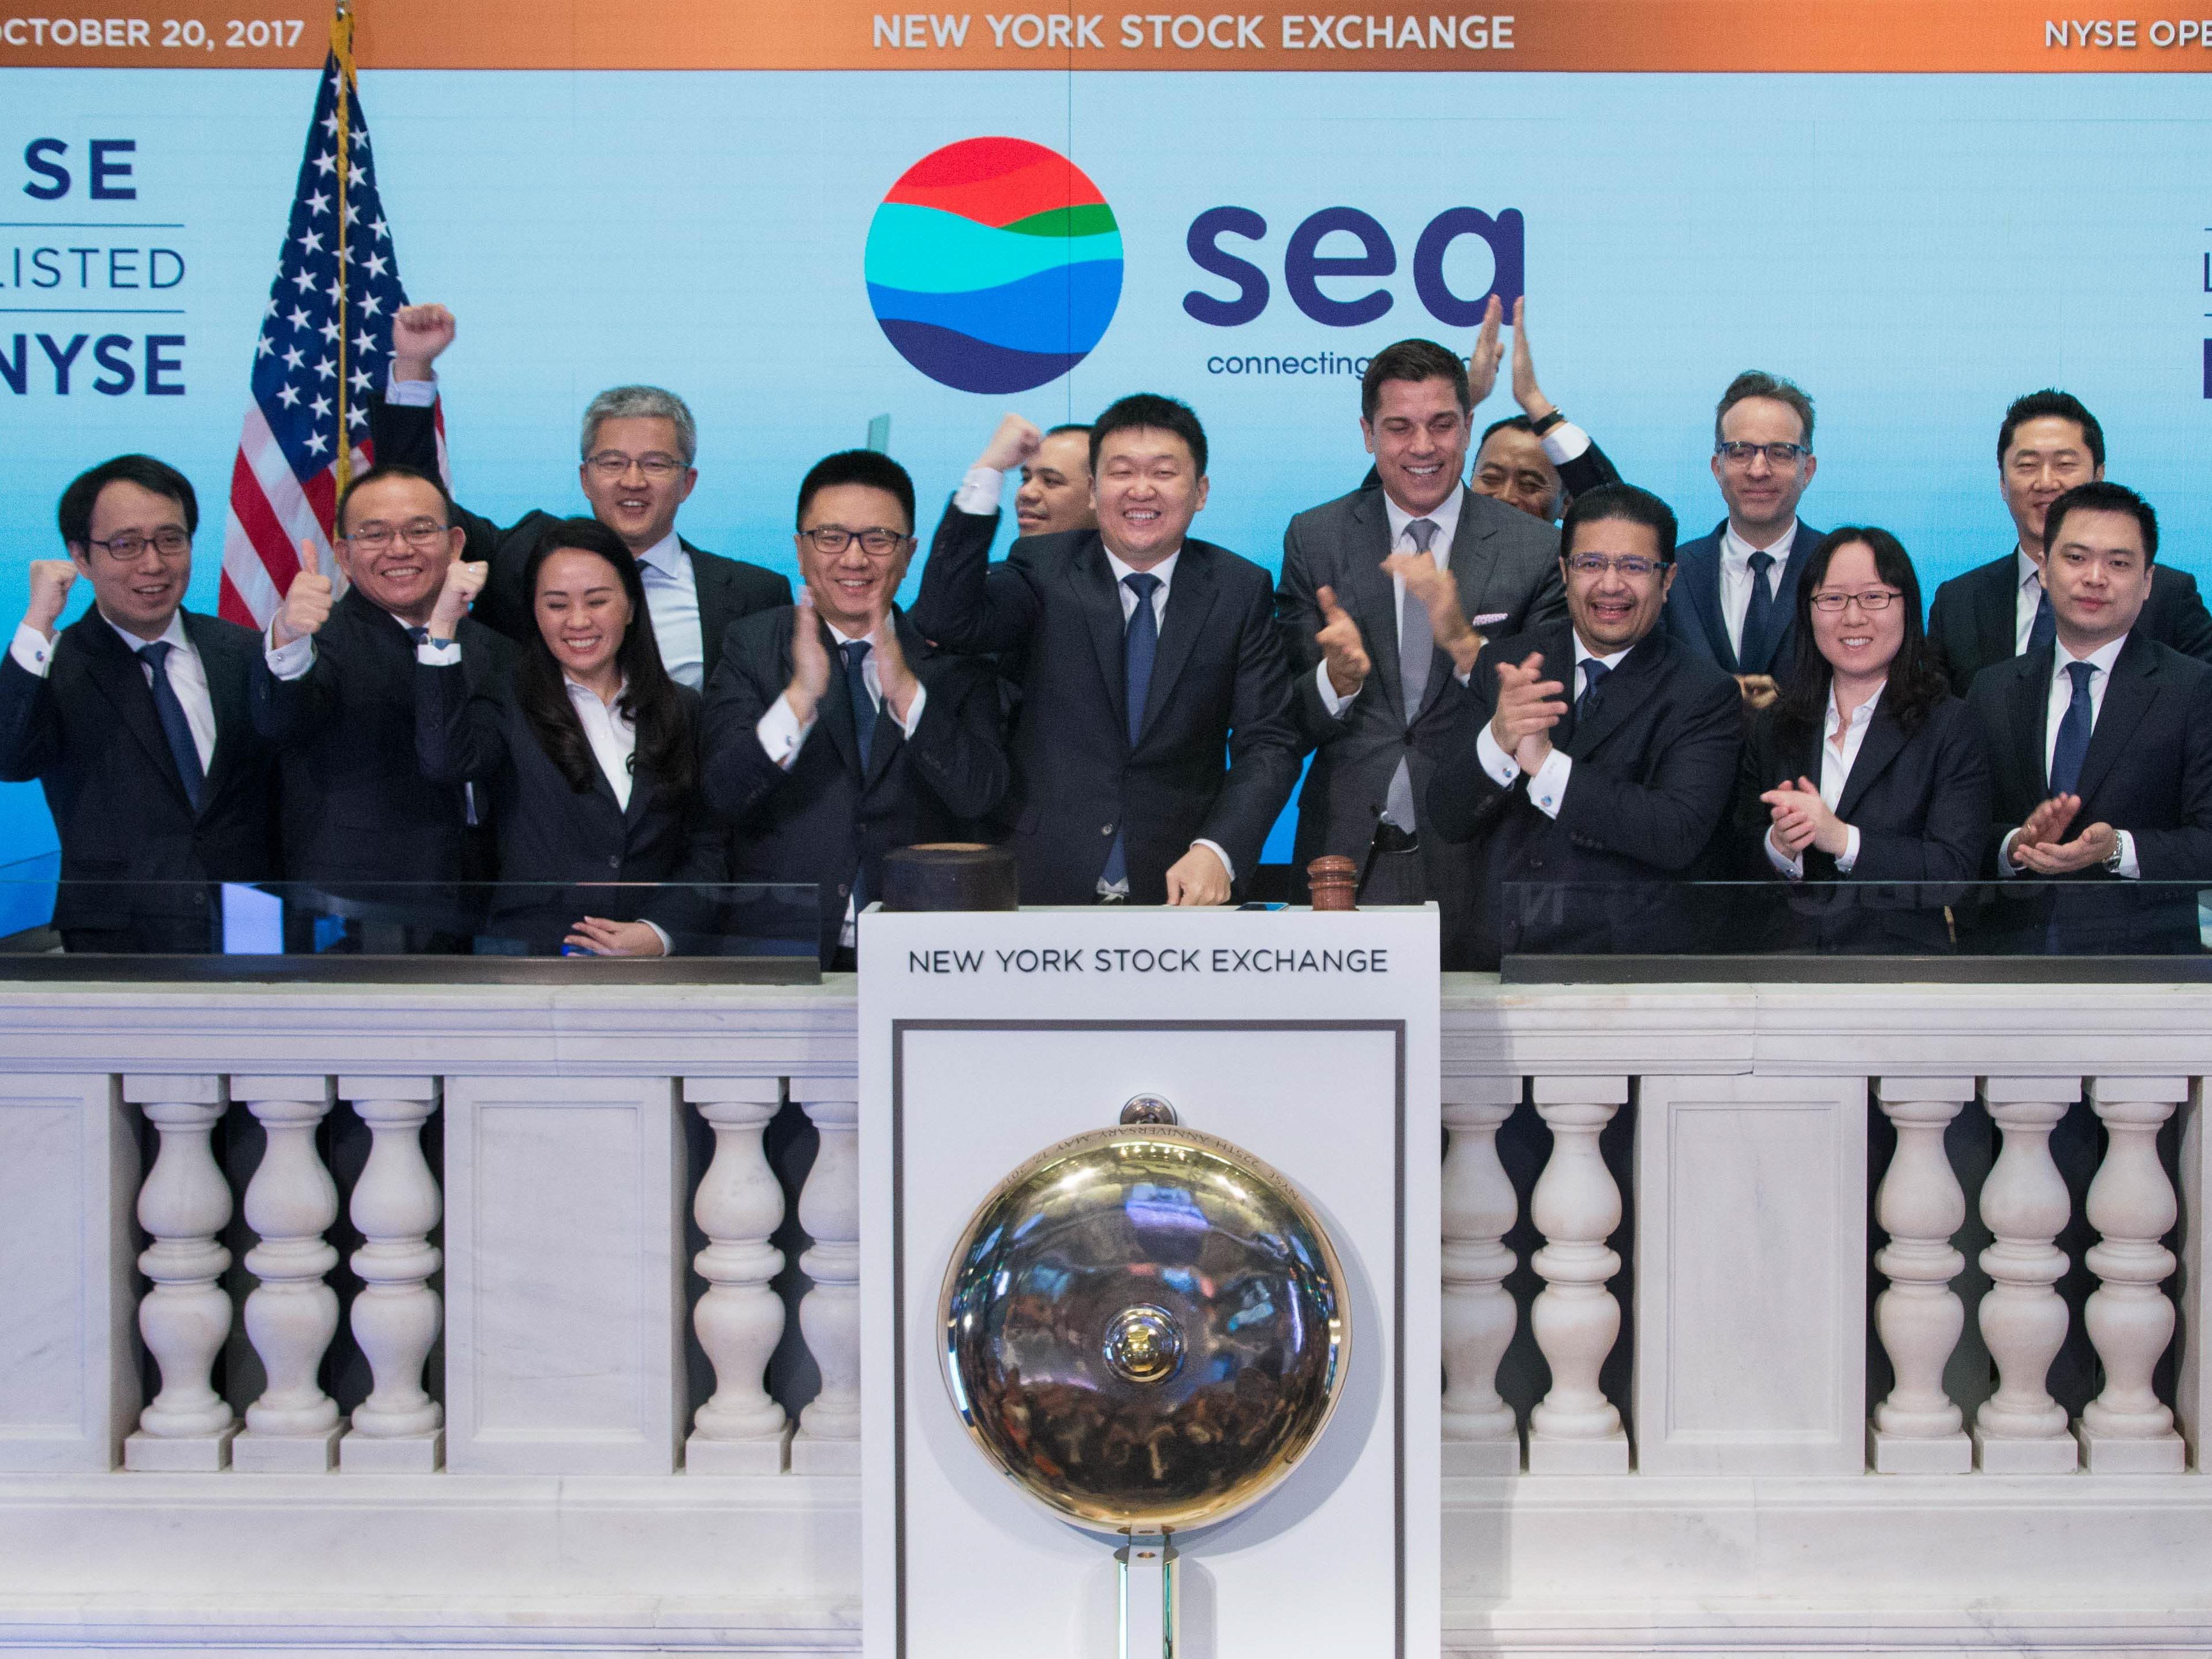 電玩起家、電商爭霸,Sea 集團何以橫跨大東南亞市場、赴美 IPO